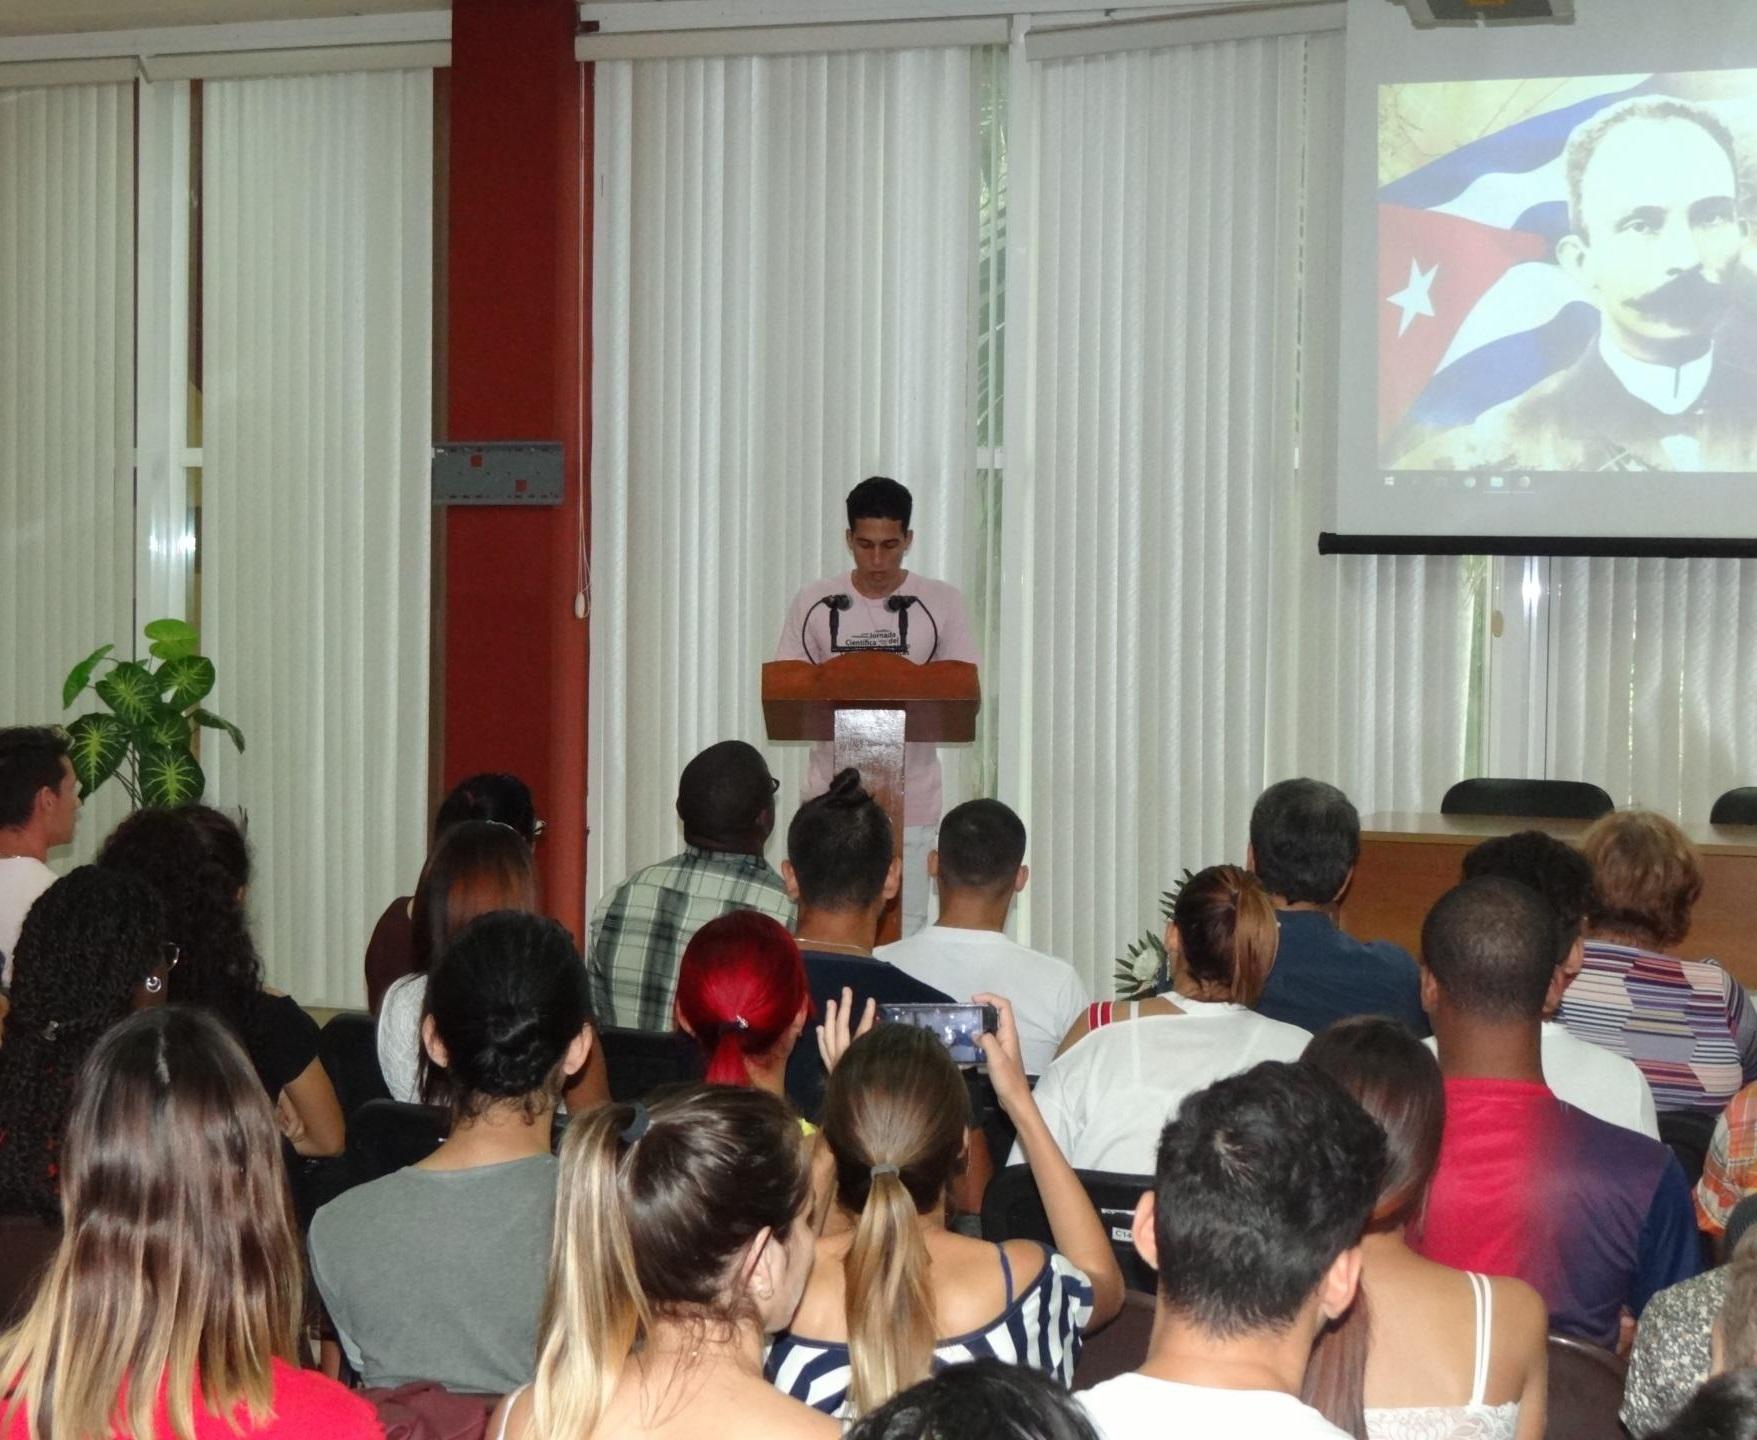 Vicepresidente de la FEU en la esfera ideológica de la UCI, Denis Antony Álvarez Albelo, realizó la relatoría del evento.